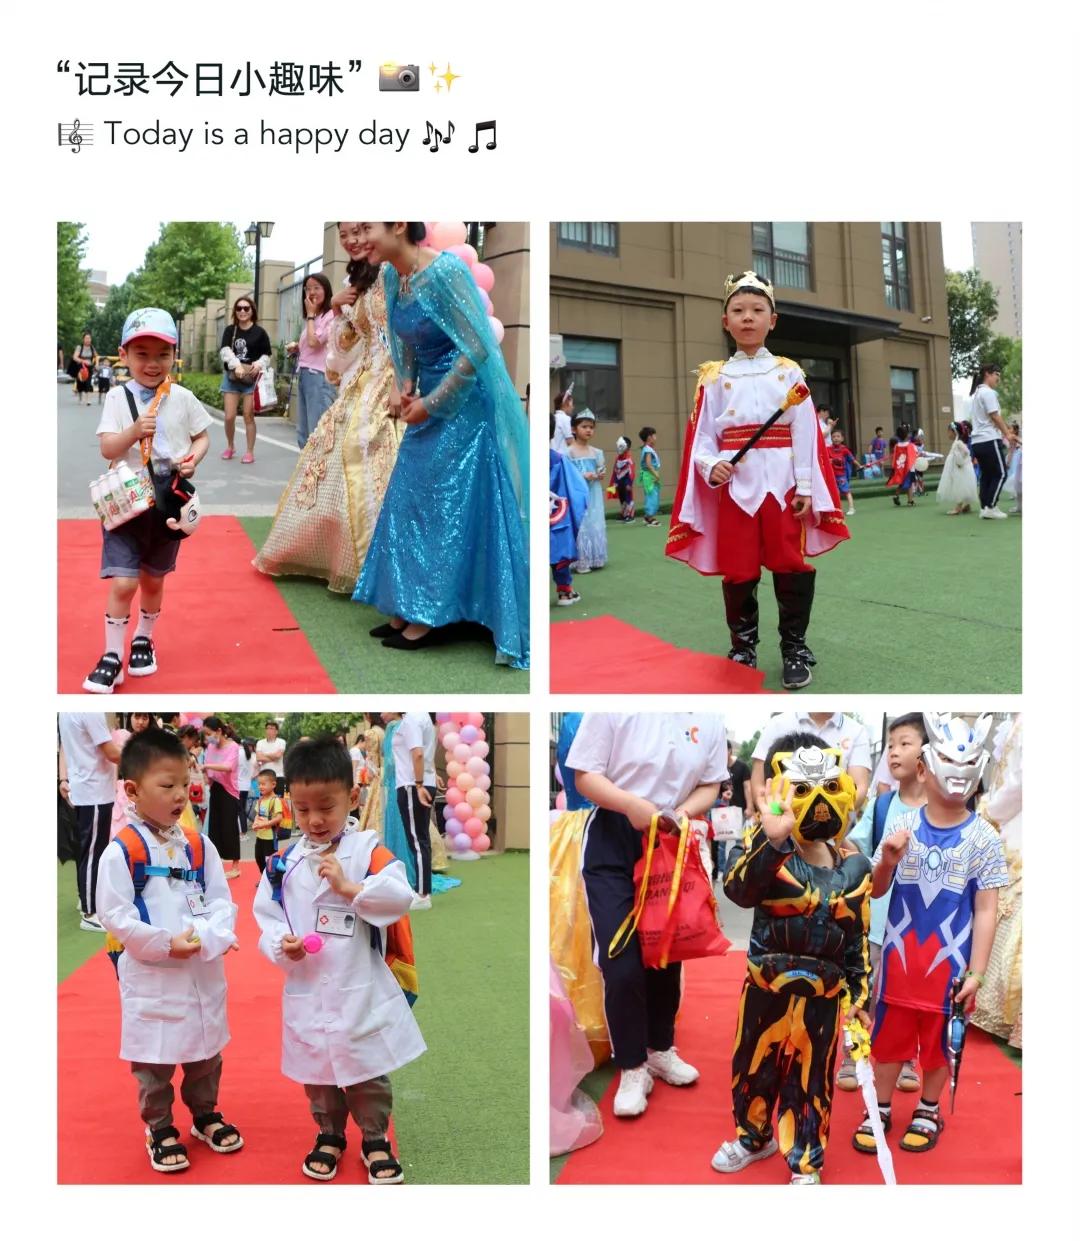 五龙新城汇爱幼稚园丨童话镇之旅——童真童趣迎六一